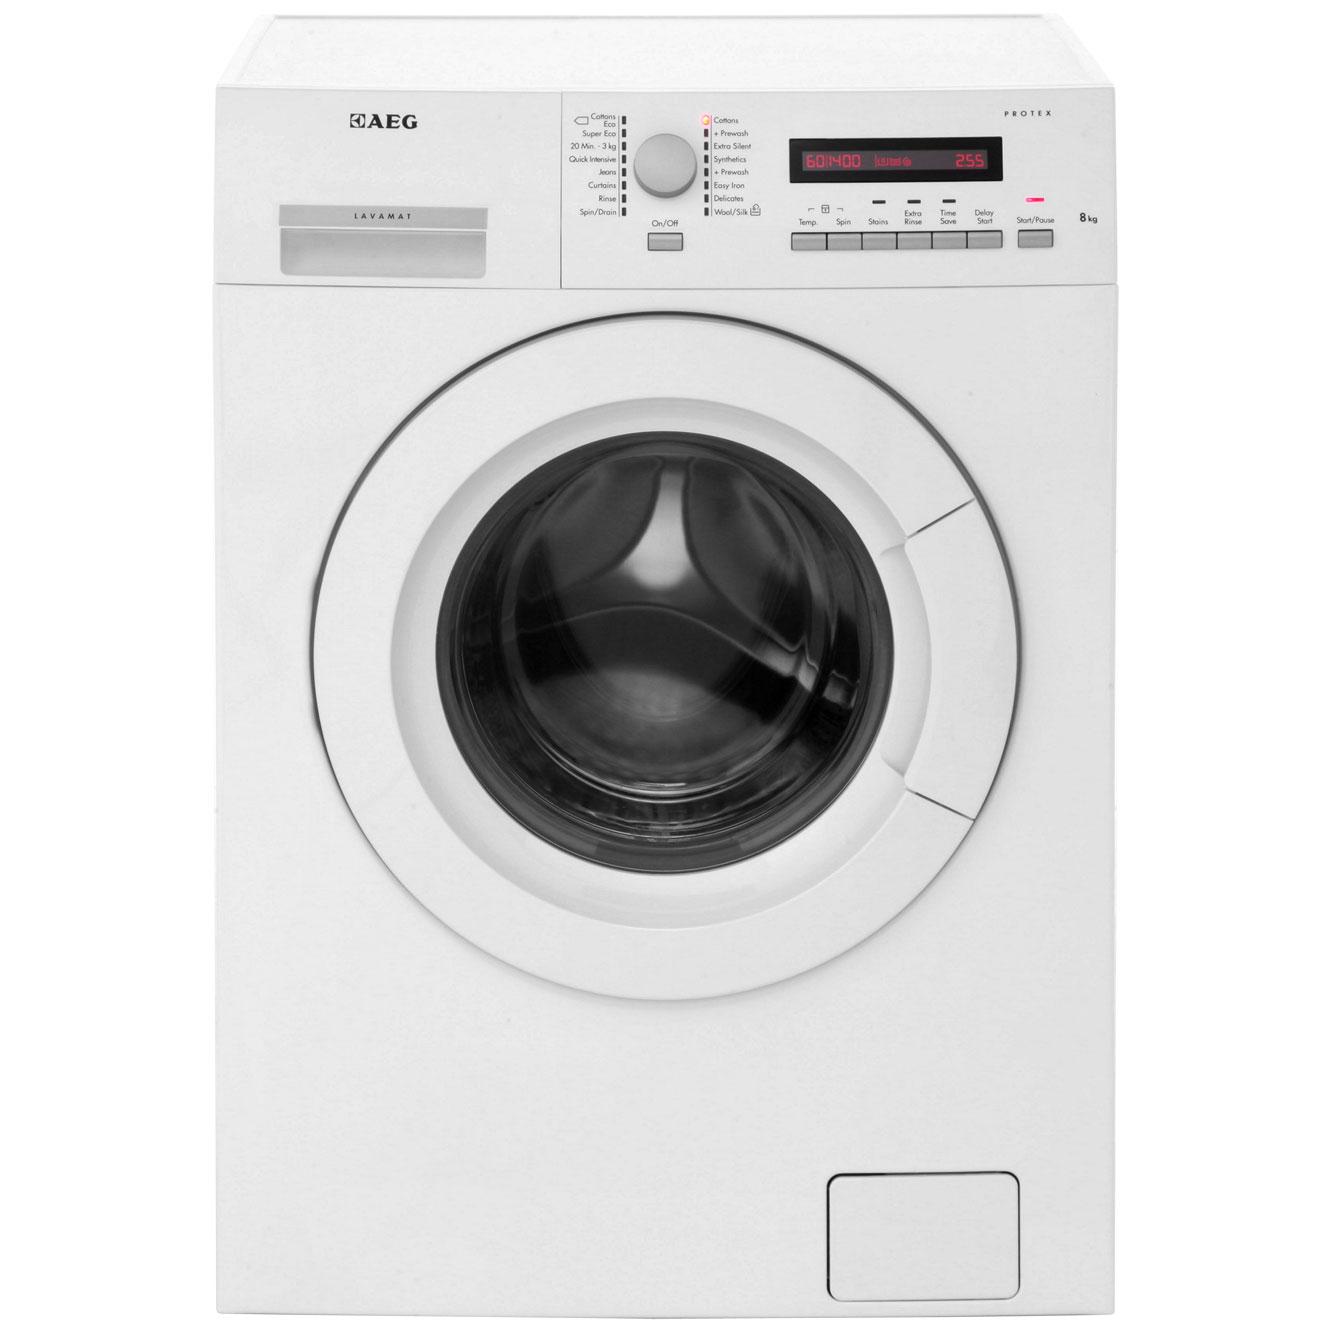 Buy Cheap Aeg Washing Machine Compare Machines